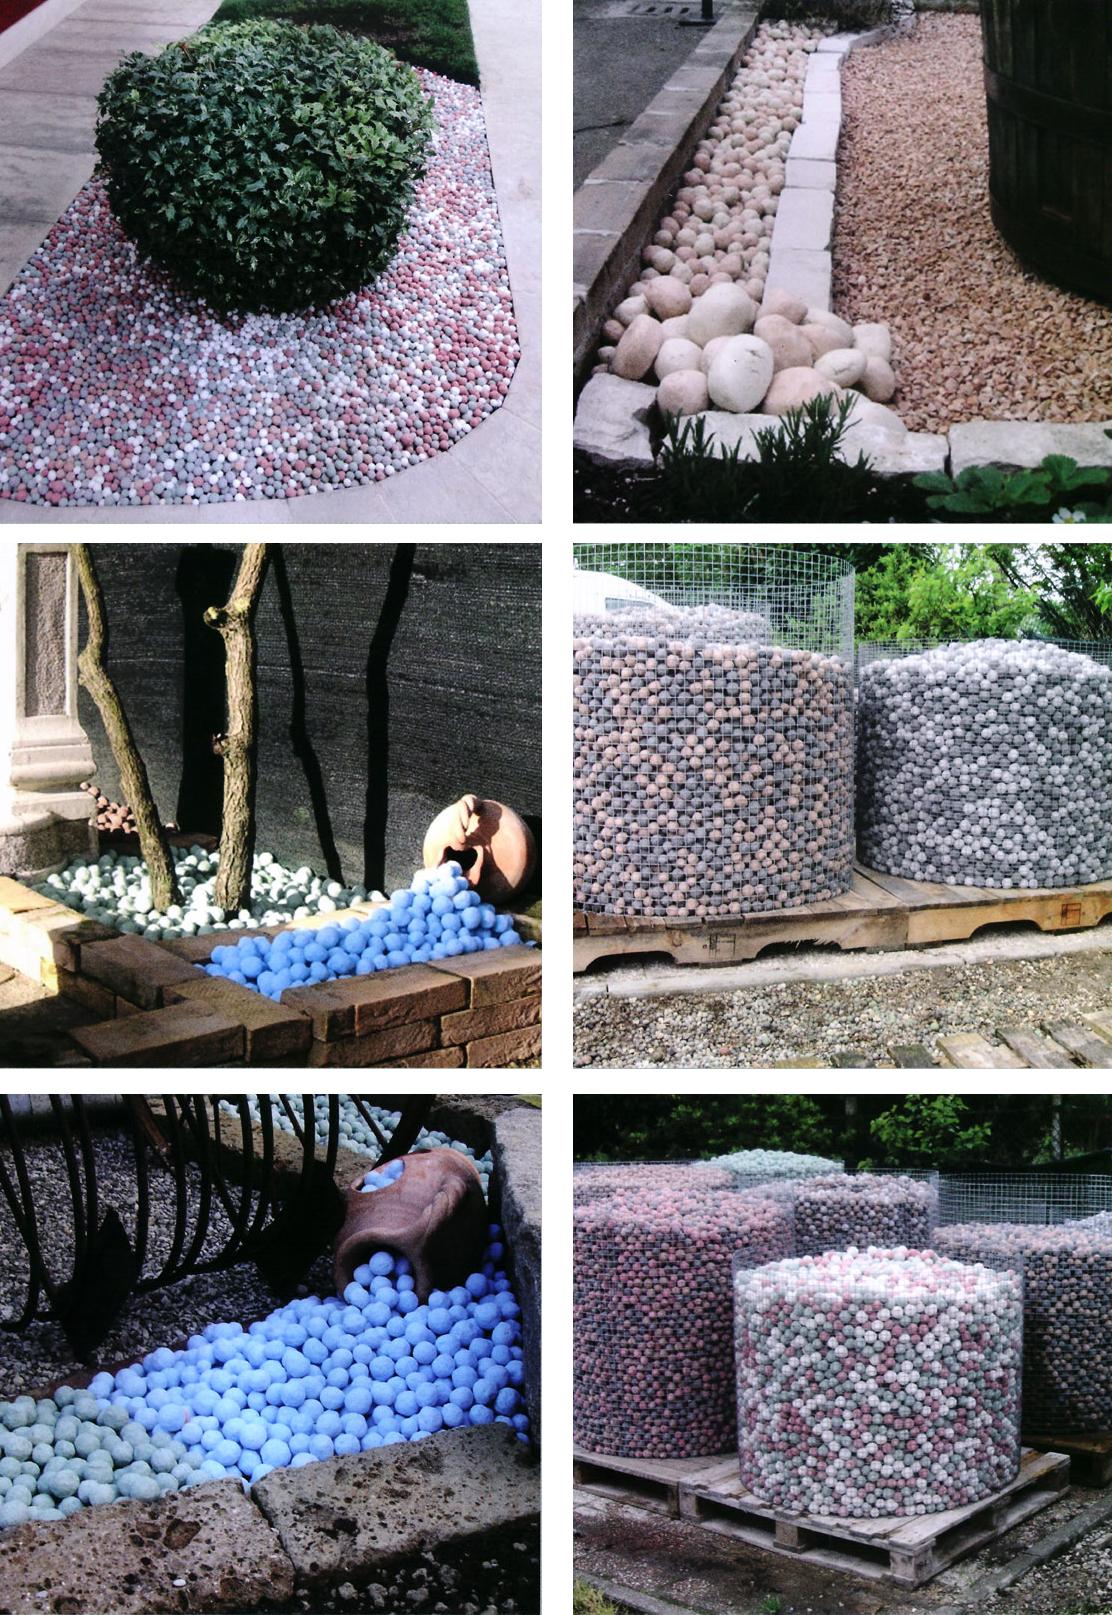 Kiesel farbig zierpflanzen viel 20 kg steine m bel garten for Dekor von zierpflanzen